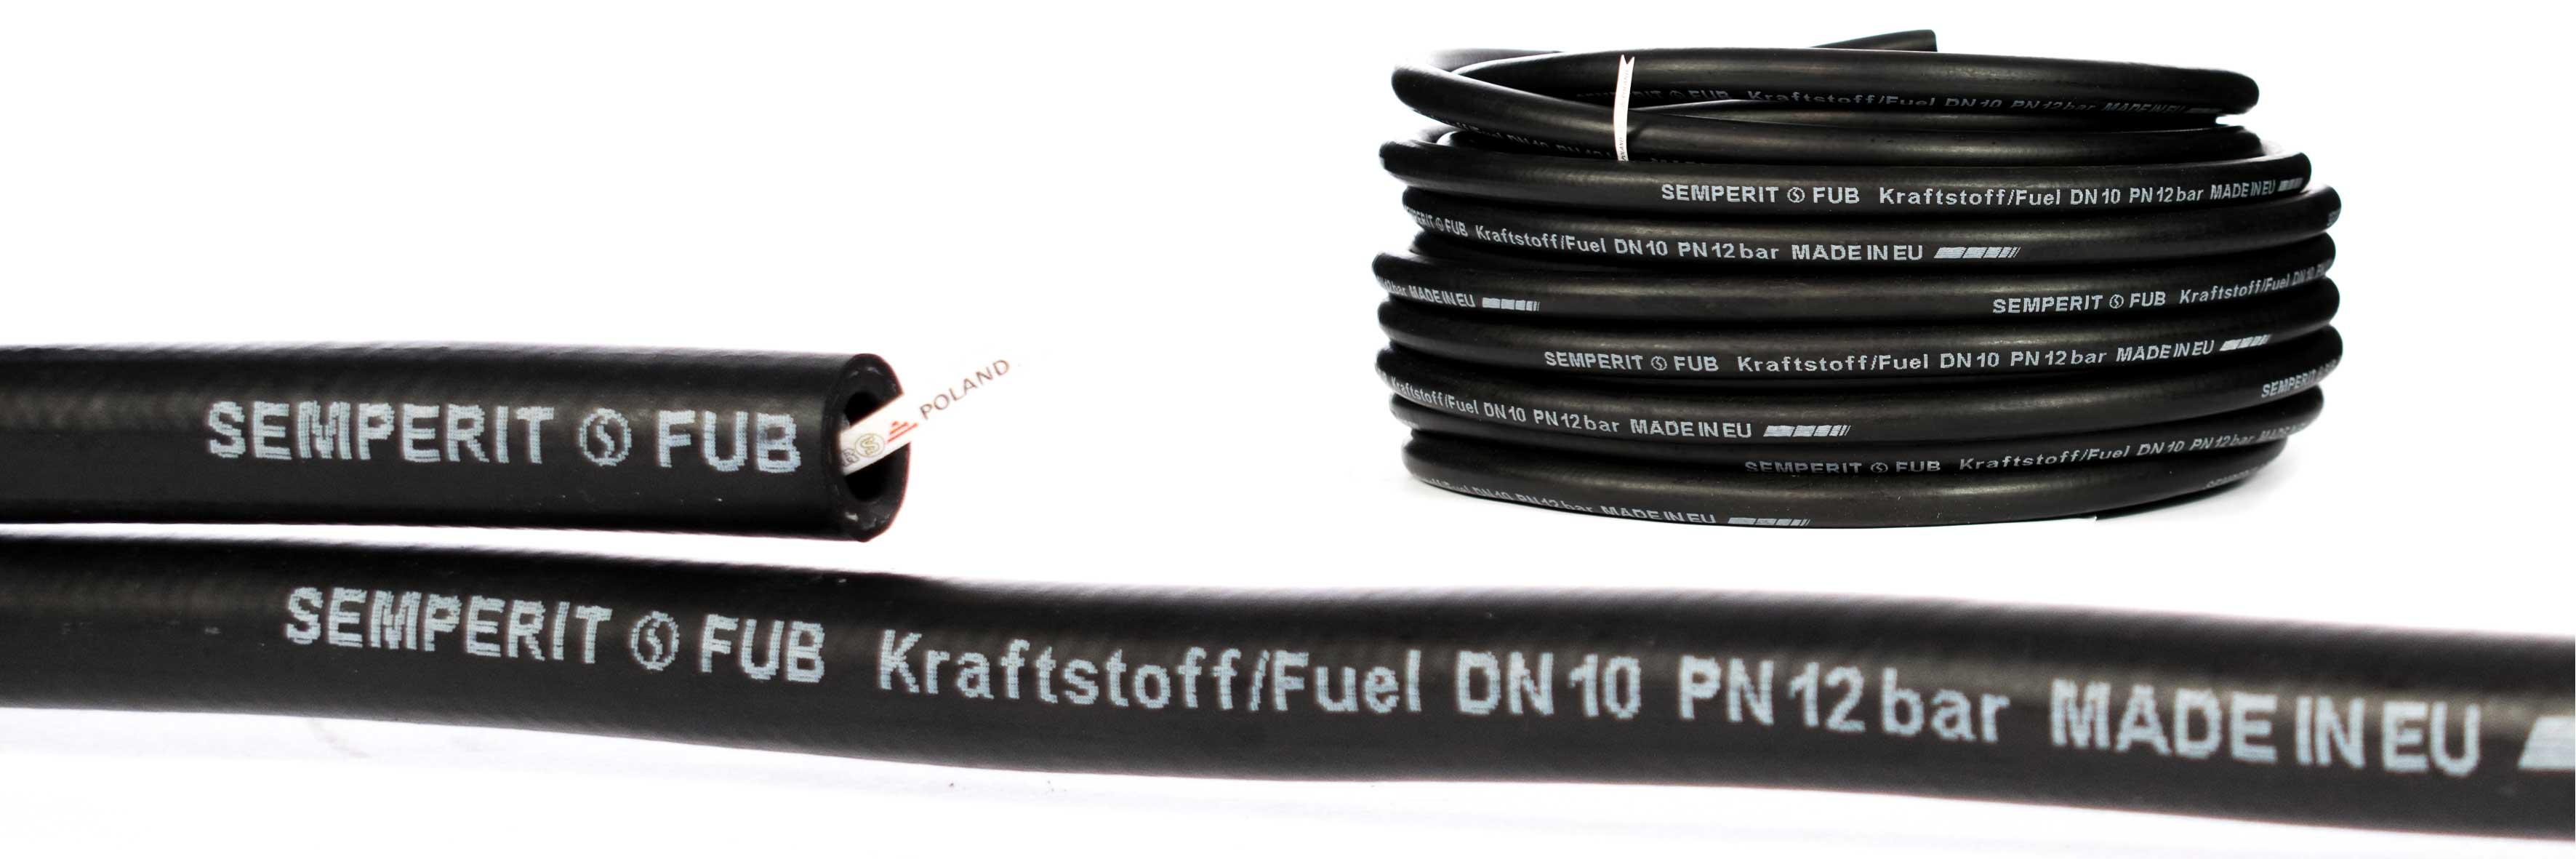 Wąż do oleju napędowego i benzyny, do motoryzacji, przemysłowy FUB Semperit DPRS Poland